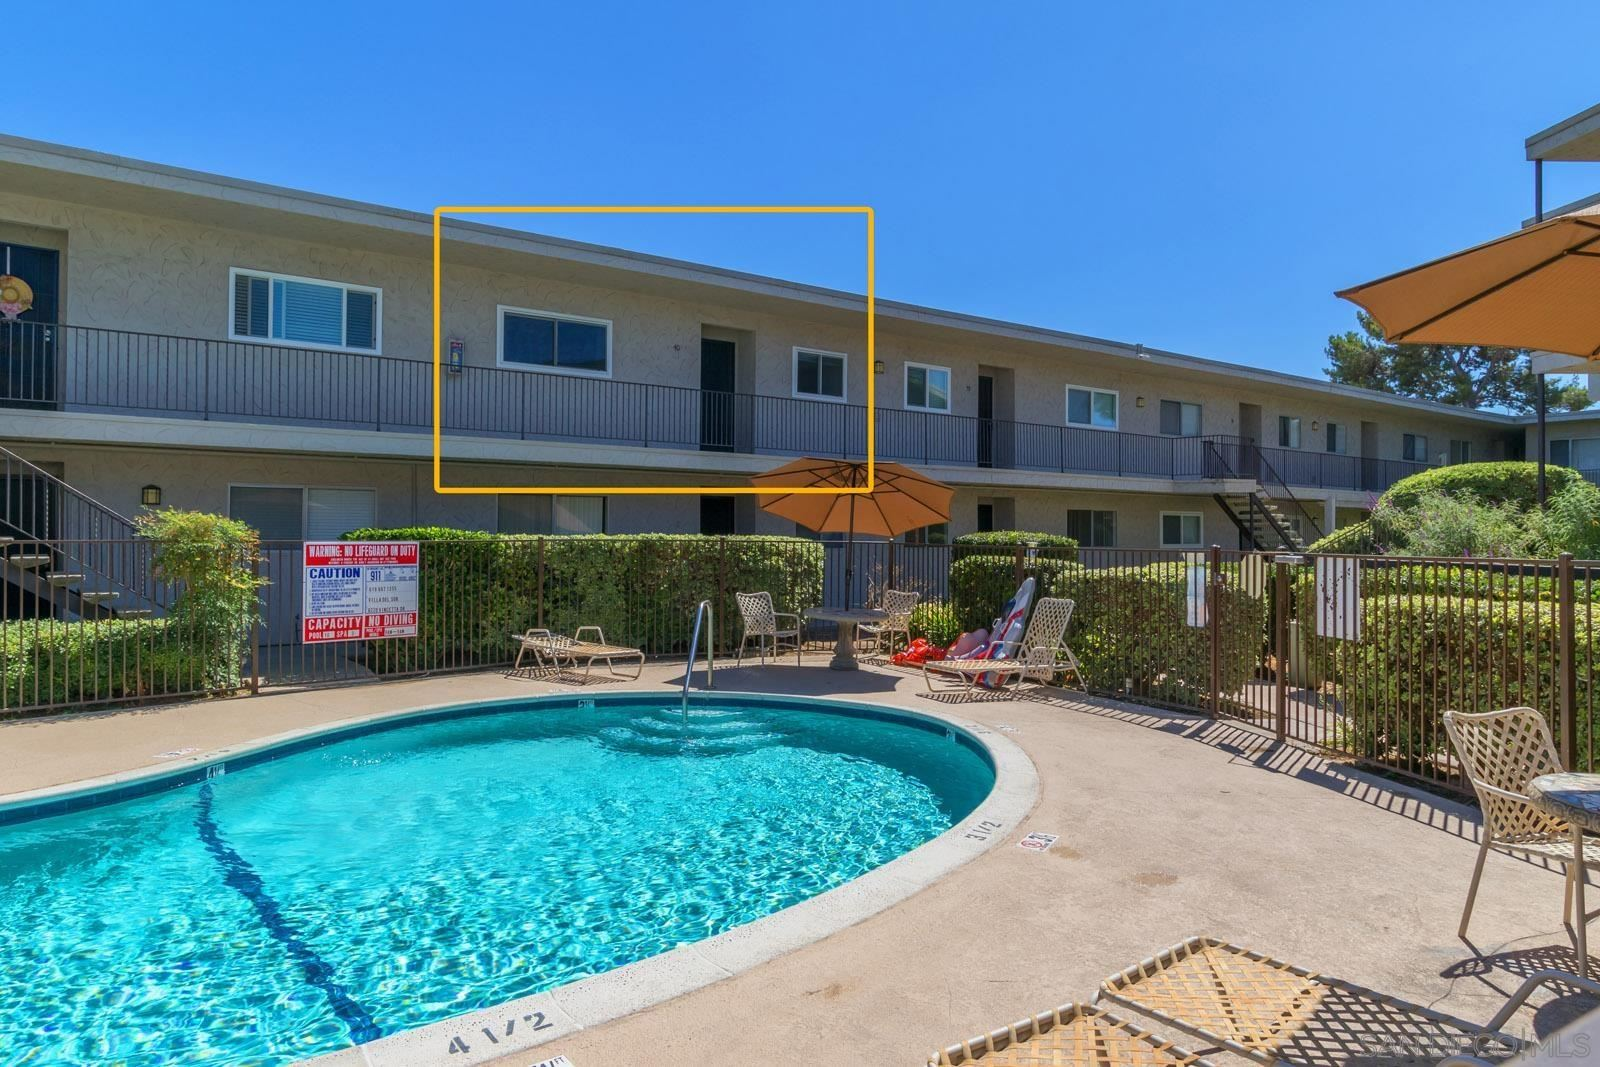 Photo of 8220 Vincetta Dr #40, La Mesa, CA 91942 (MLS # 210026810)